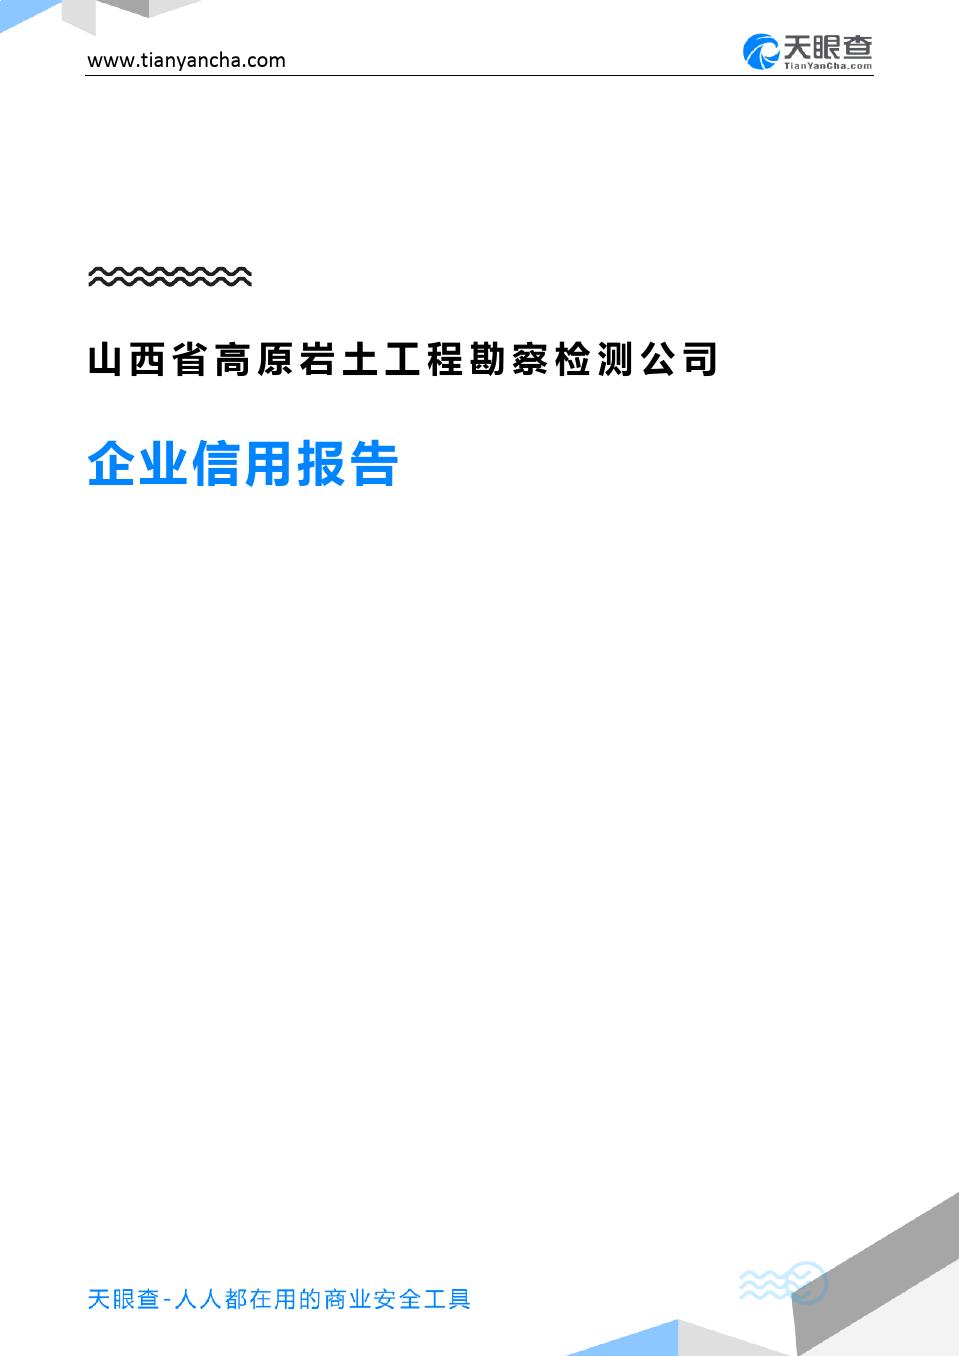 山西省高原岩土工程勘察检测公司企业信用报告-天眼查